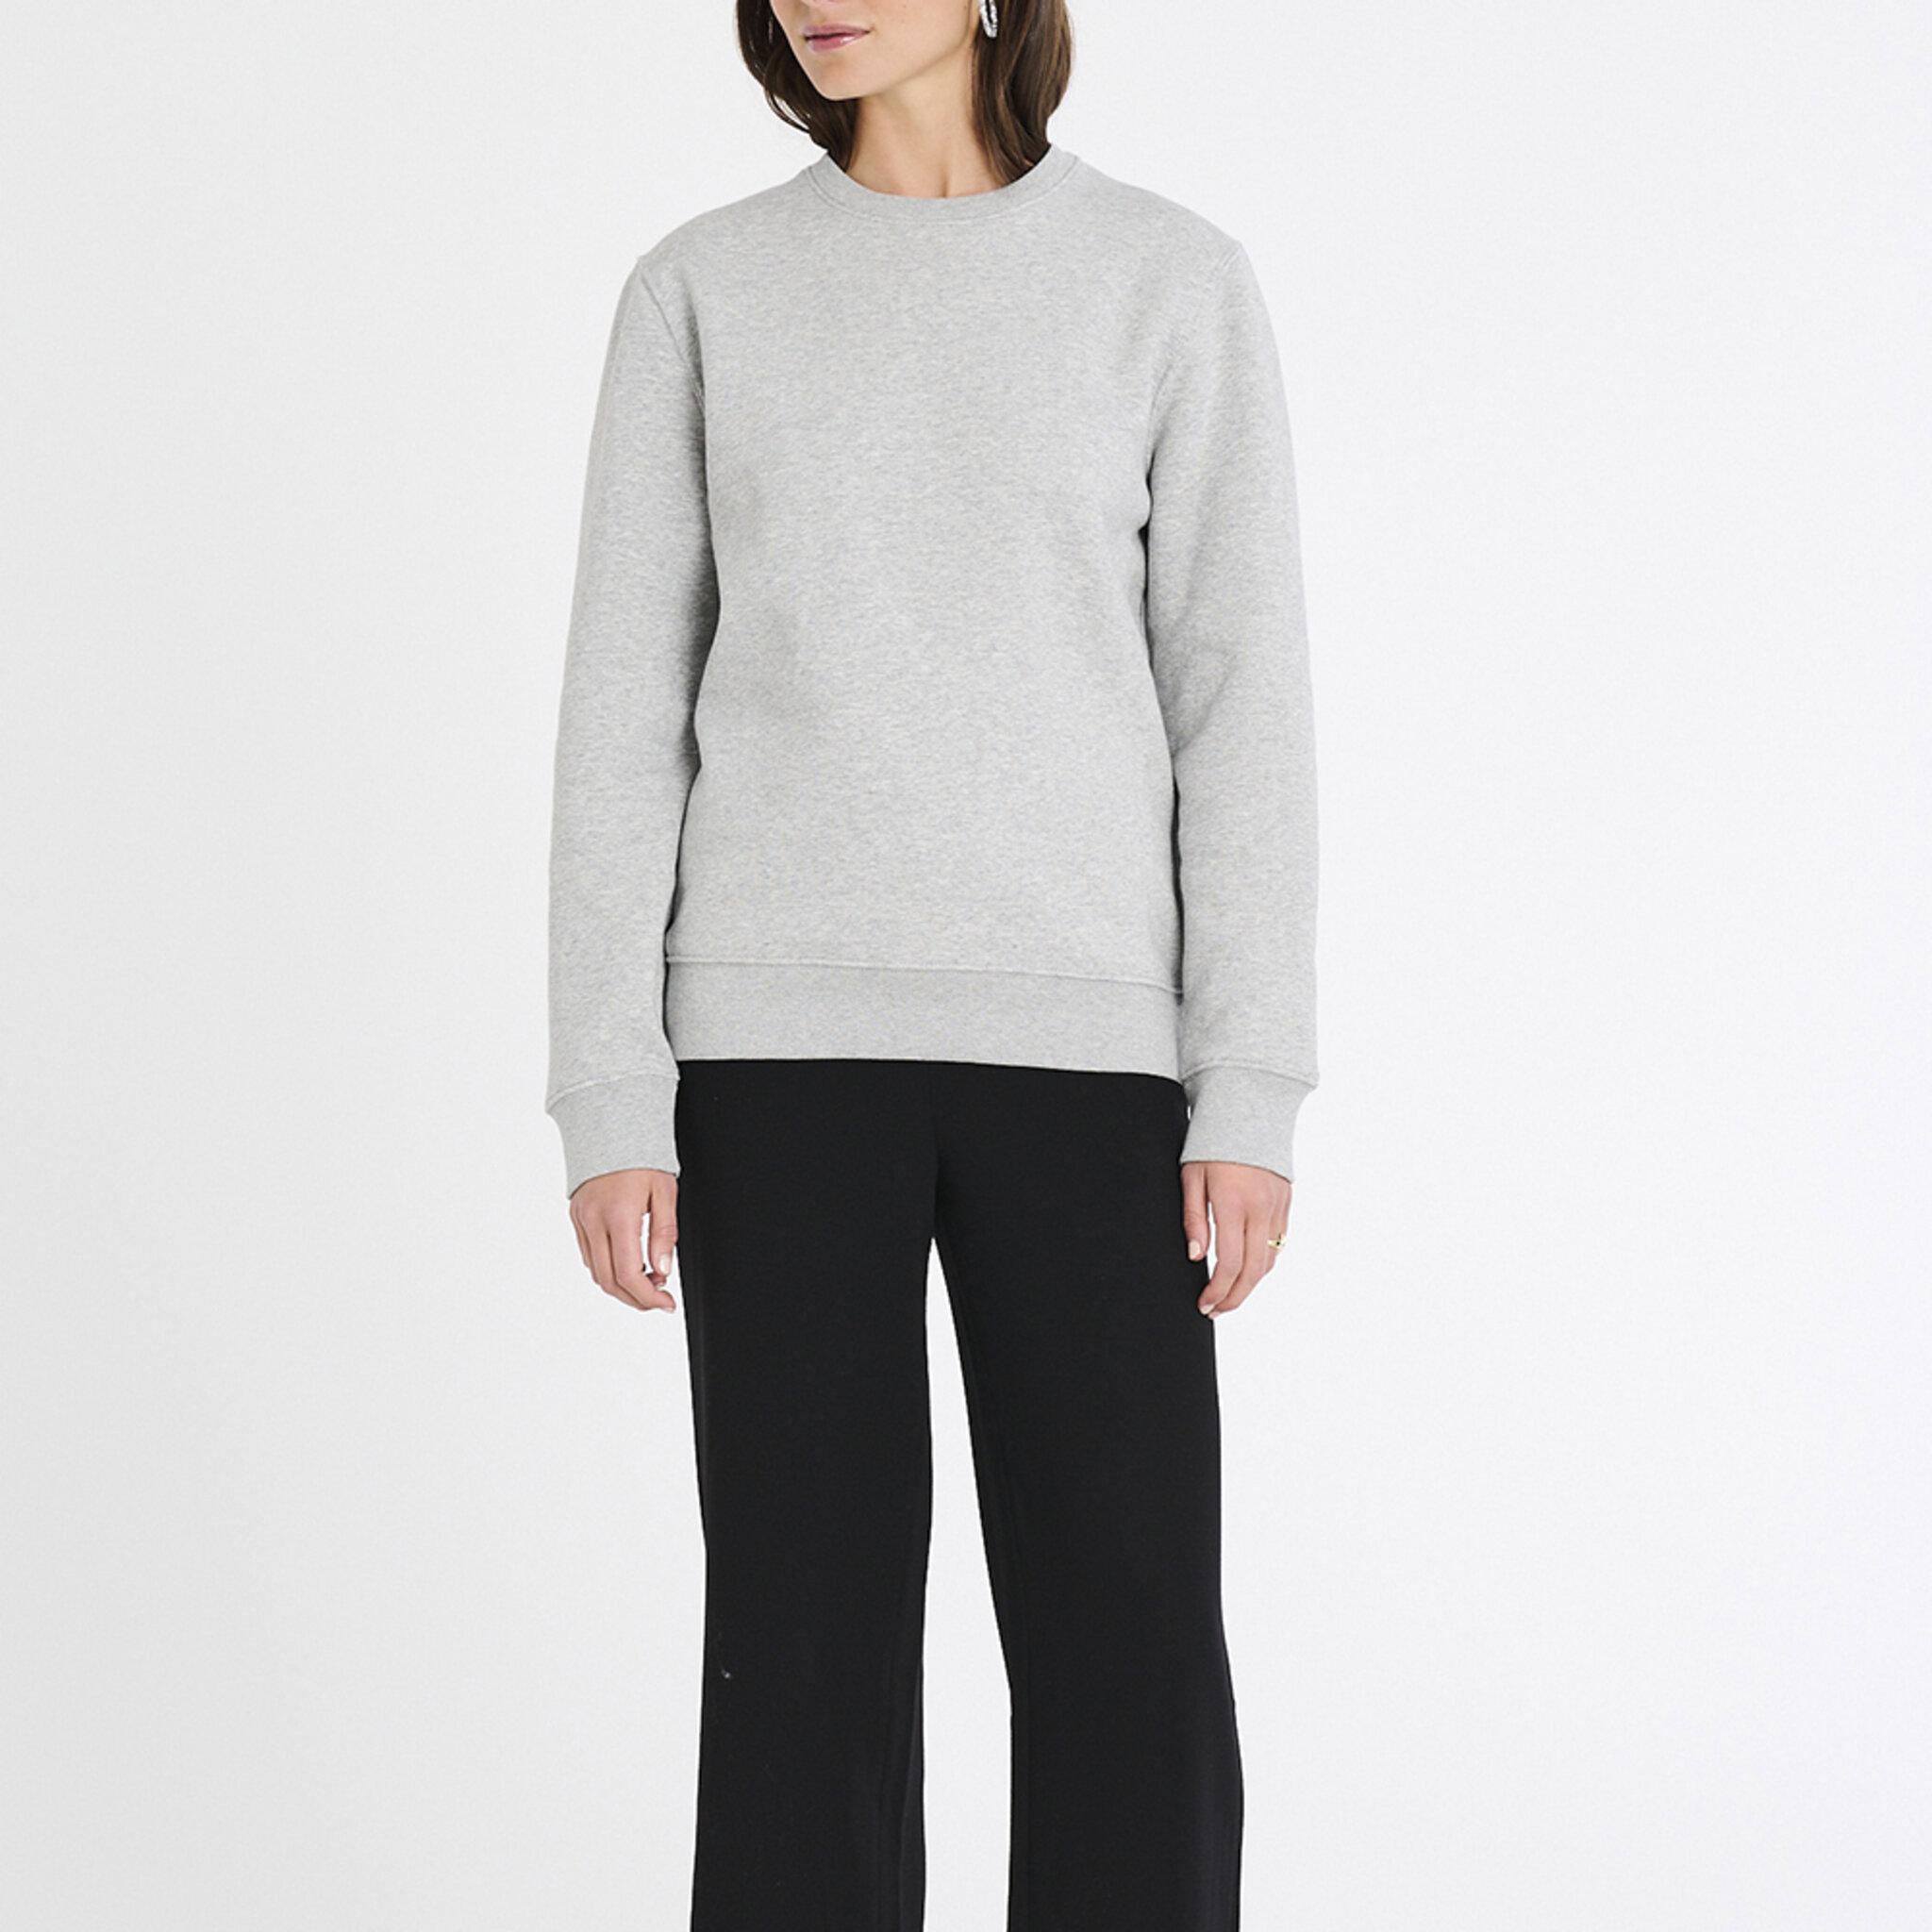 Oversized Sweater Ekologisk Bomull - Återvunnen Polyester